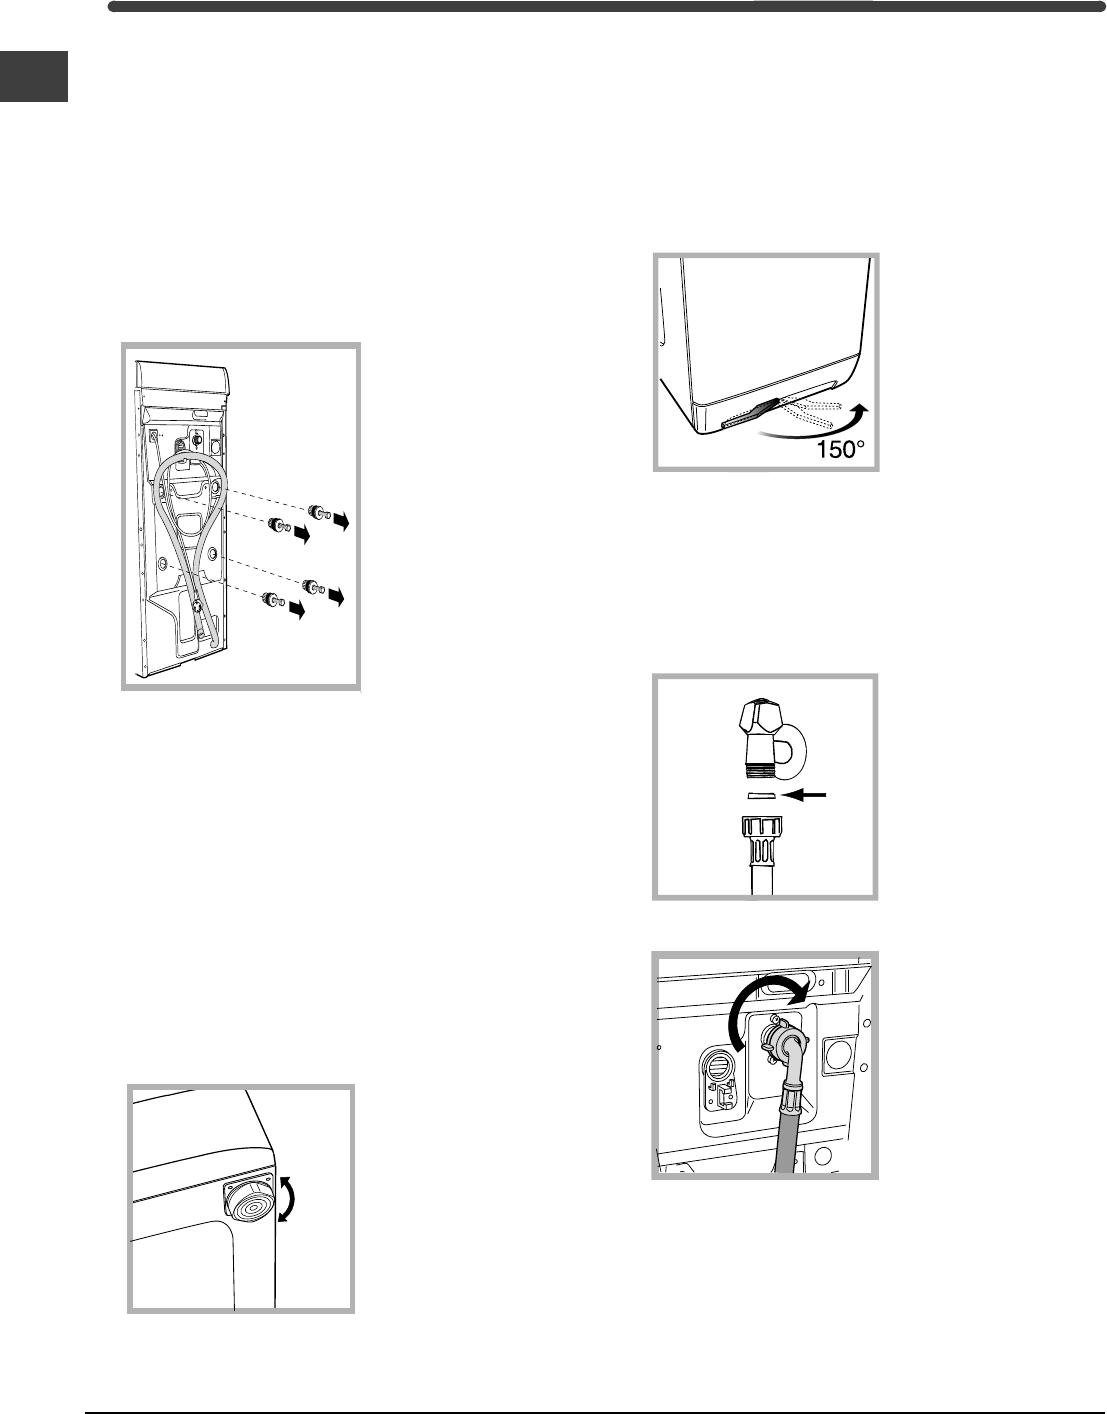 handleiding indesit witl 125 eu  pagina 2 van 72   nederlands